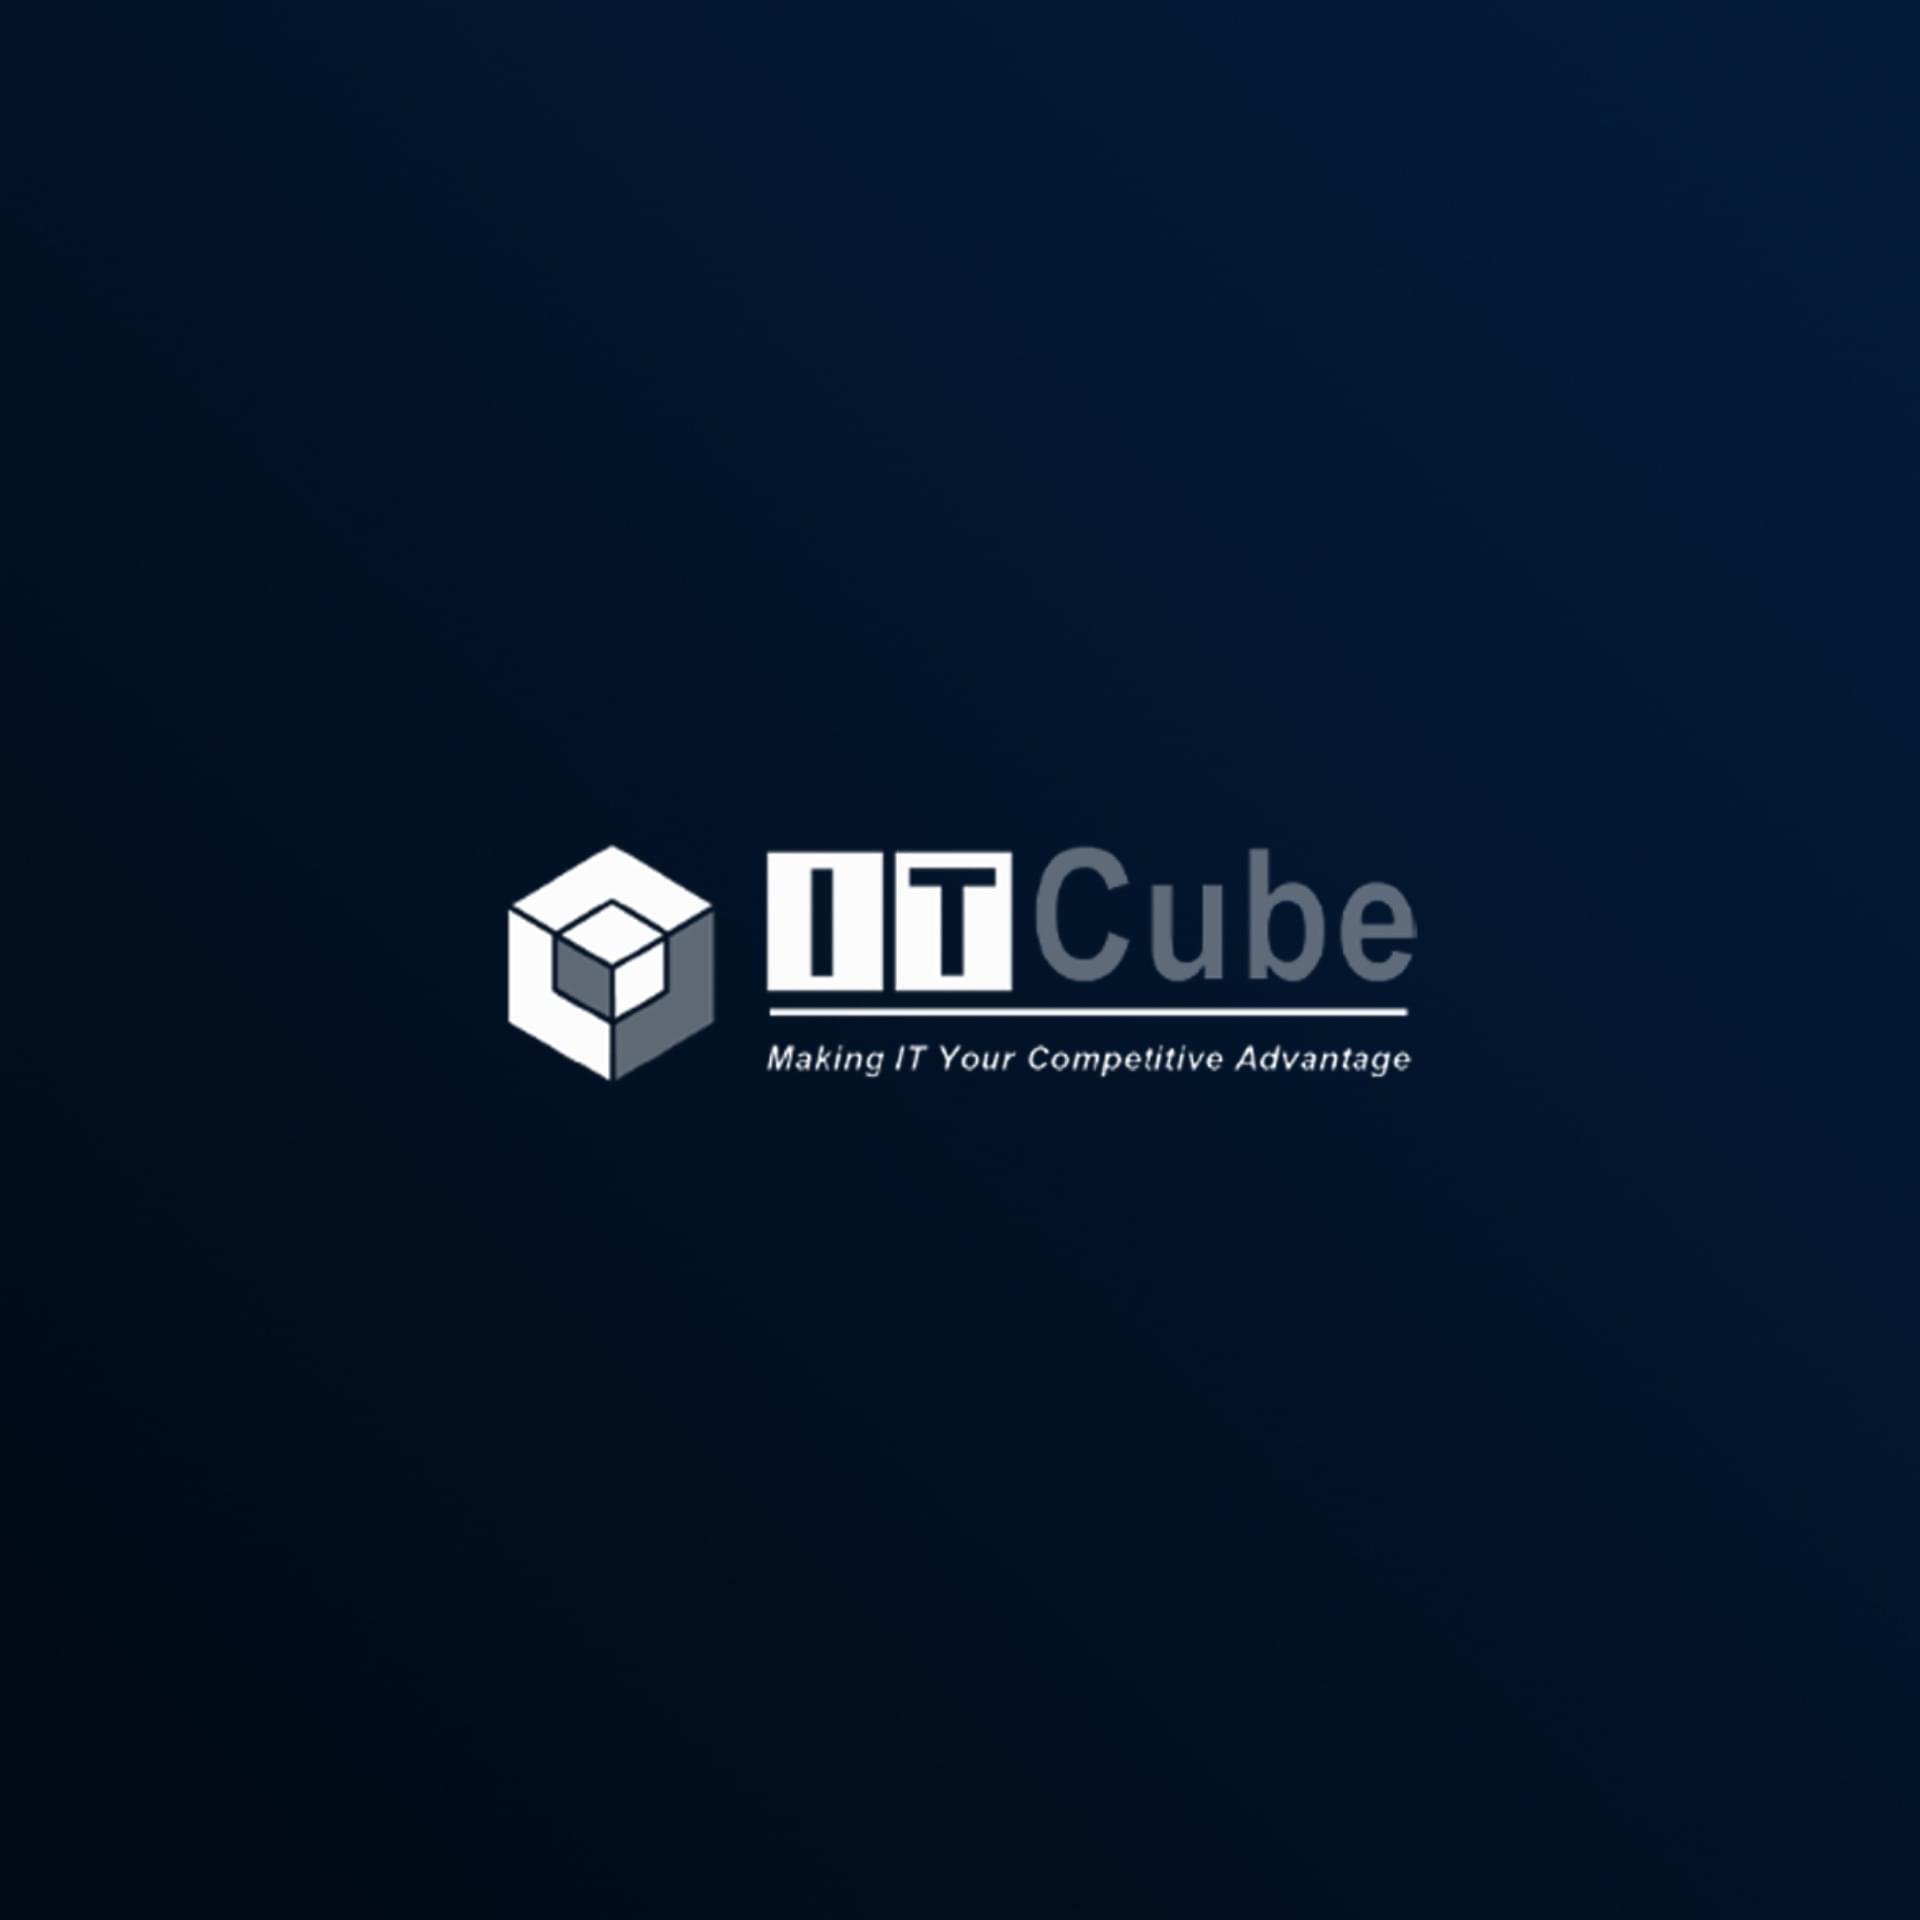 itcube